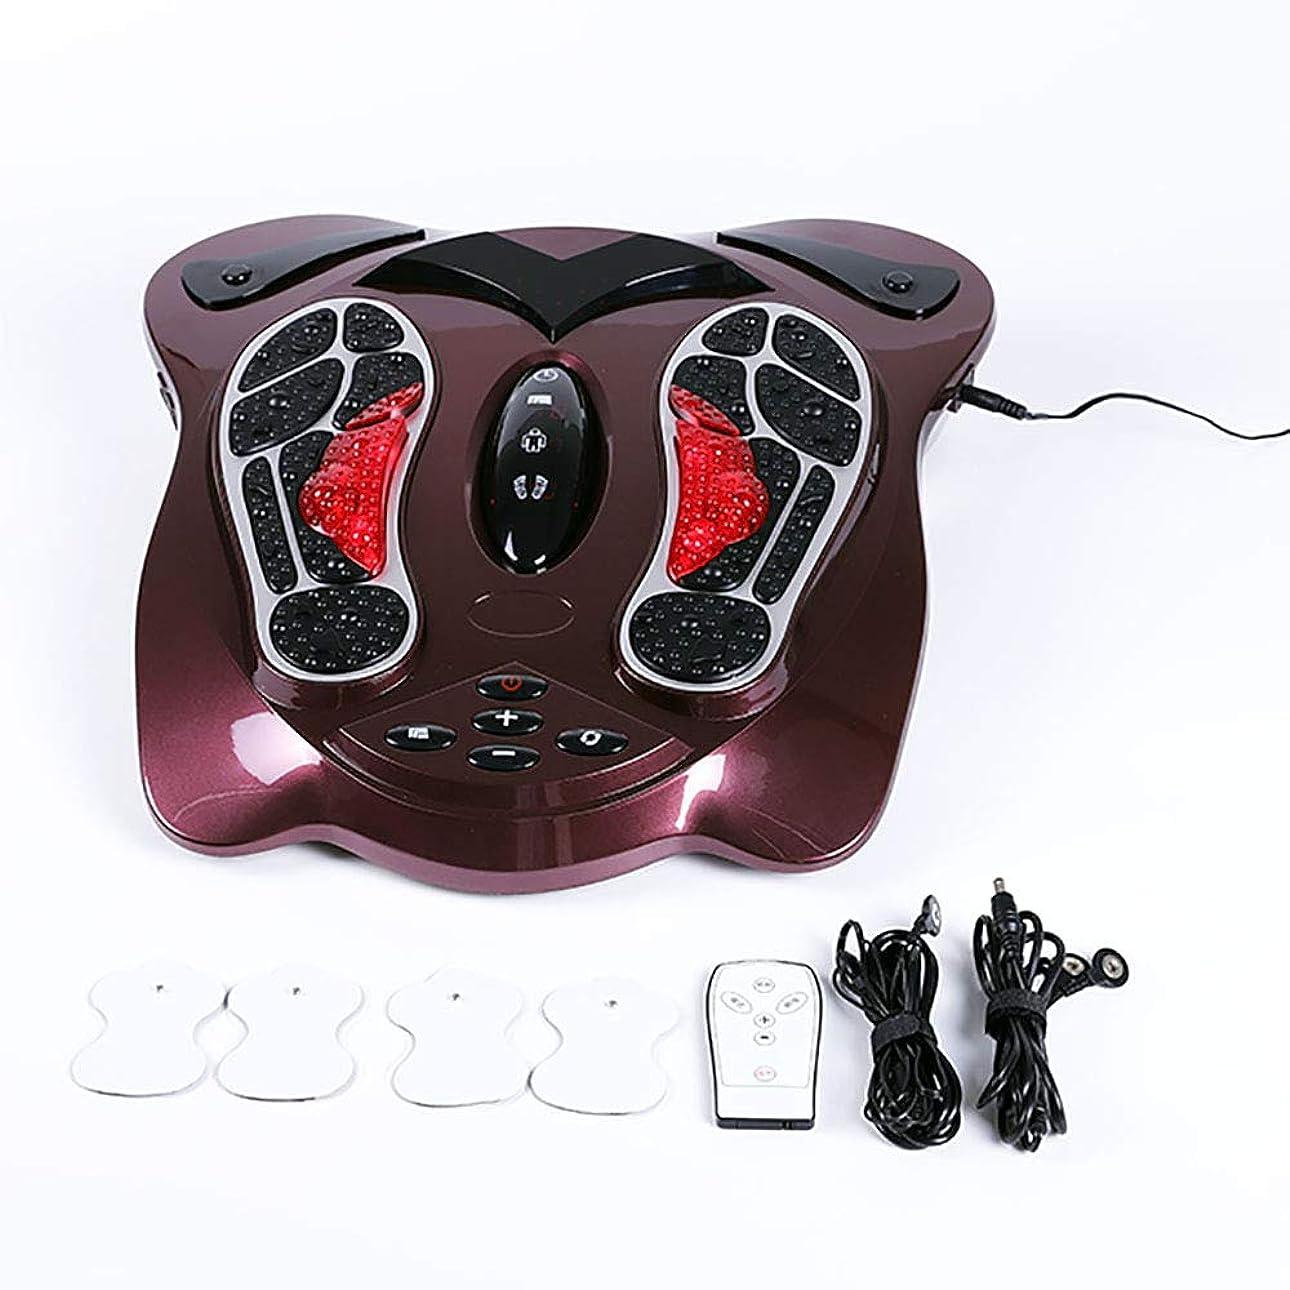 ロール忠実なの面では足マッサージ機EMS電気筋肉刺激装置電気マッサージ療法リラックス治療装置用ふくらはぎ脚血循環と足底筋膜炎